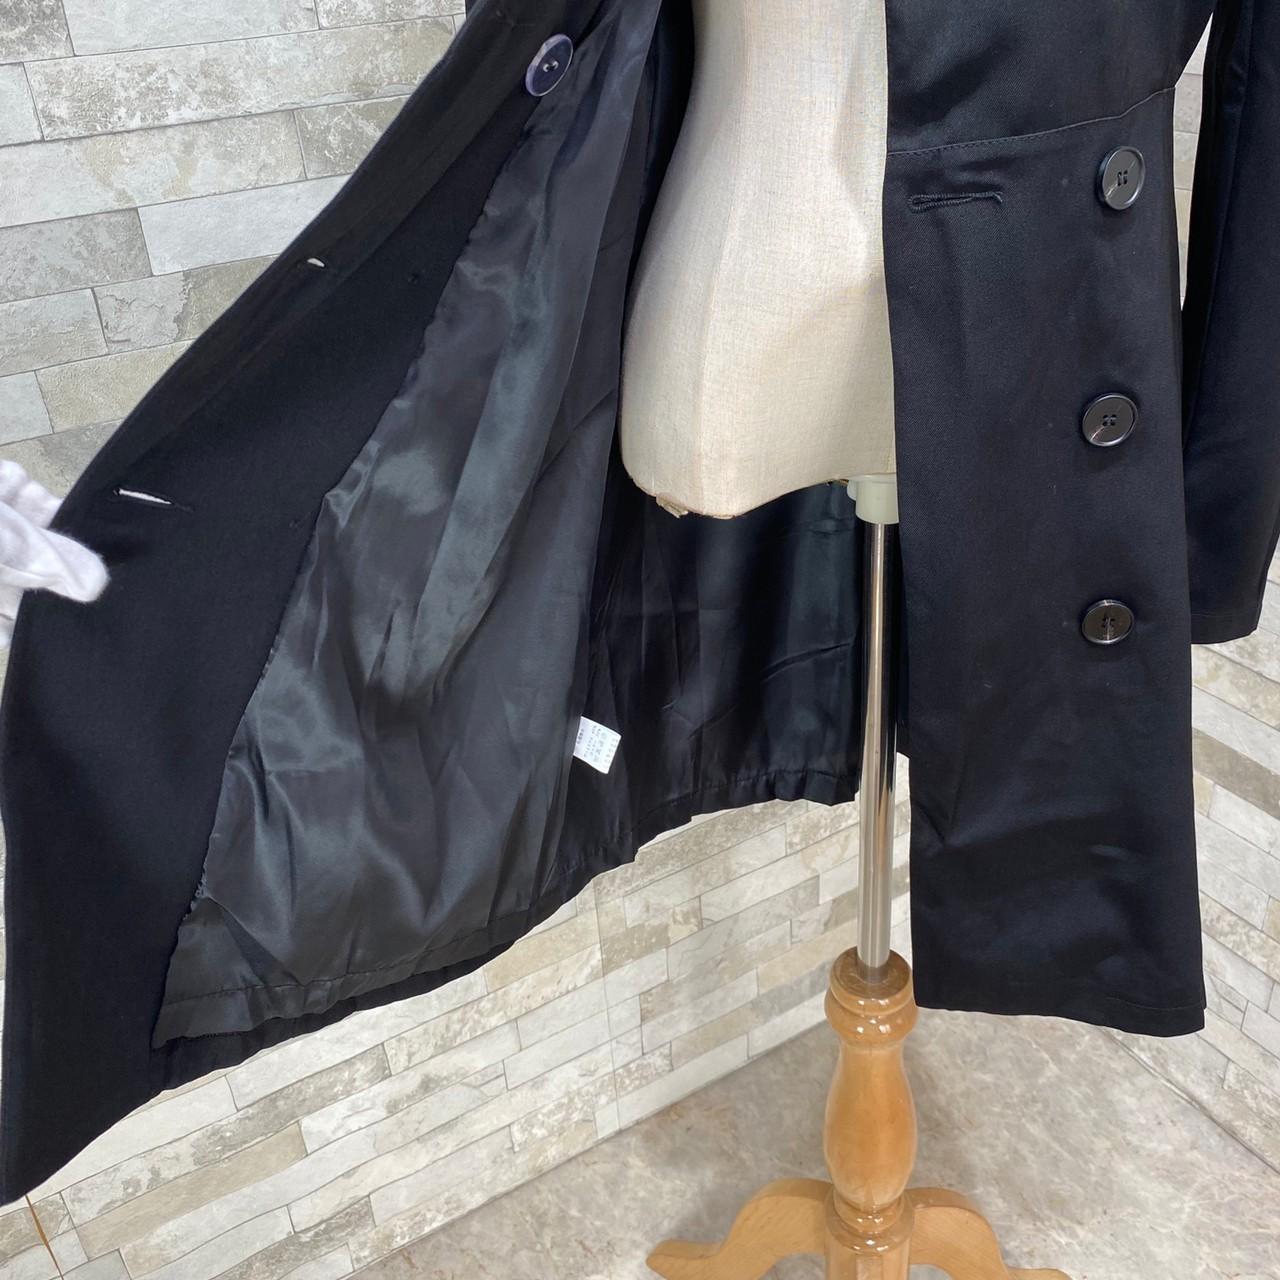 【即納】韓国 ファッション ワンピース 春 夏 秋 カジュアル SPTXE548  ミディ丈 コート エレガント パーティー オフィス フォーマル オルチャン シンプル 定番 セレカジの写真15枚目